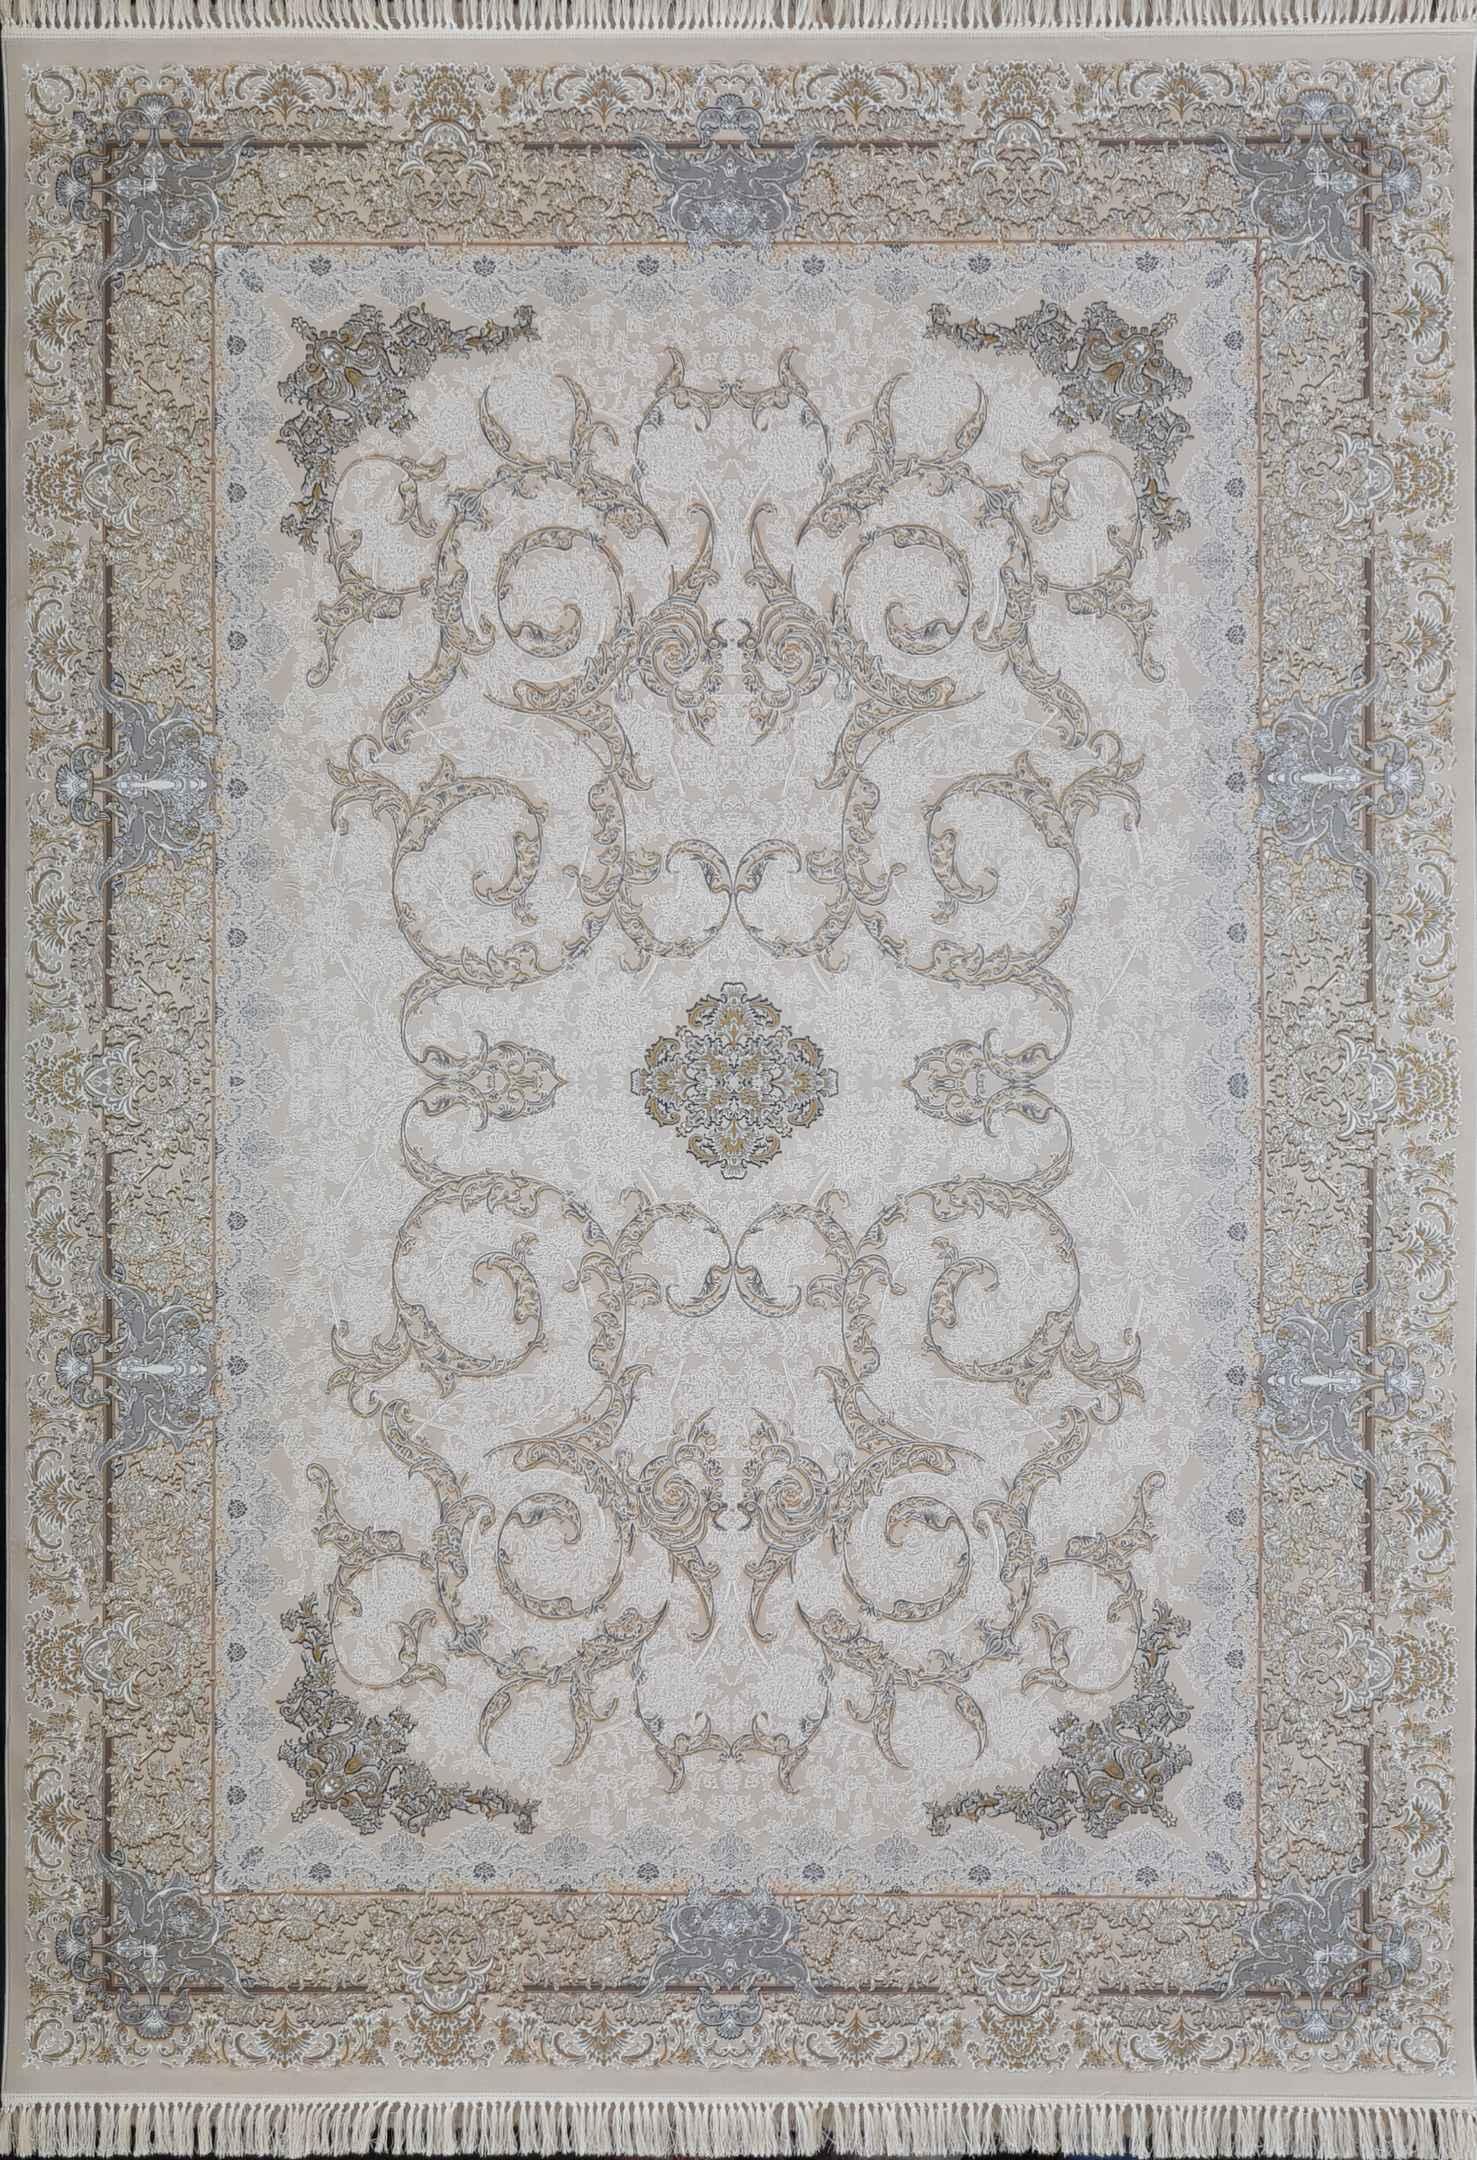 فرش افشان 1000 شانه گلبرجسته نقشه اسلیمی